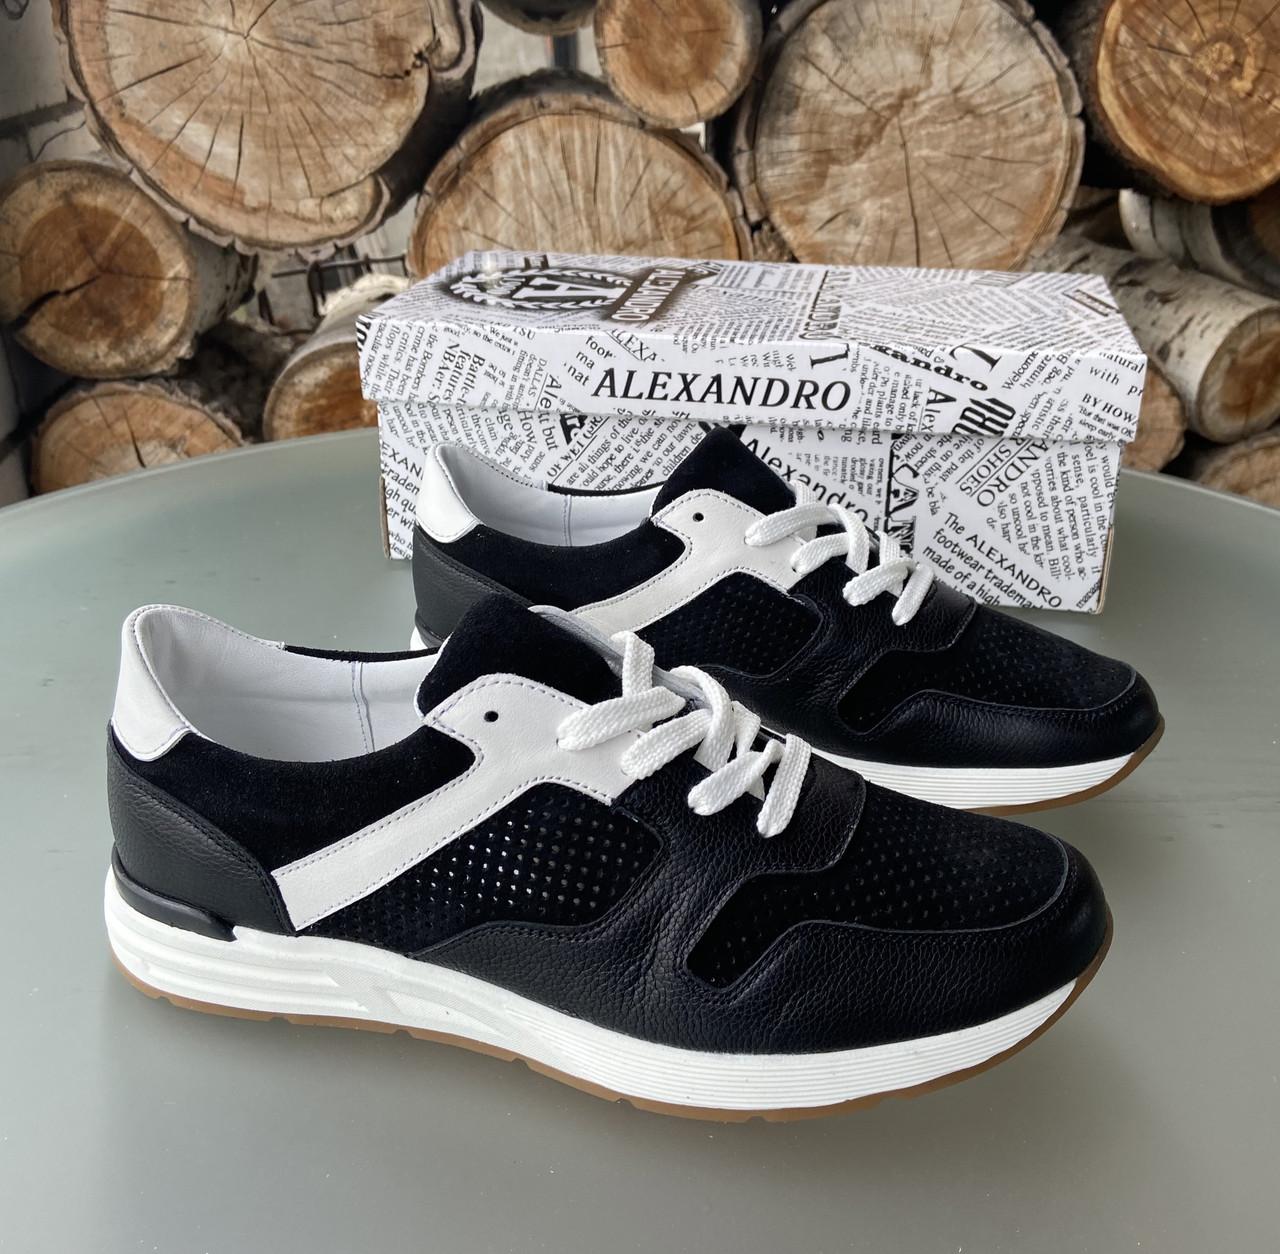 Чоловічі перфоровані кросівки alexandro натуральна шкіра 45